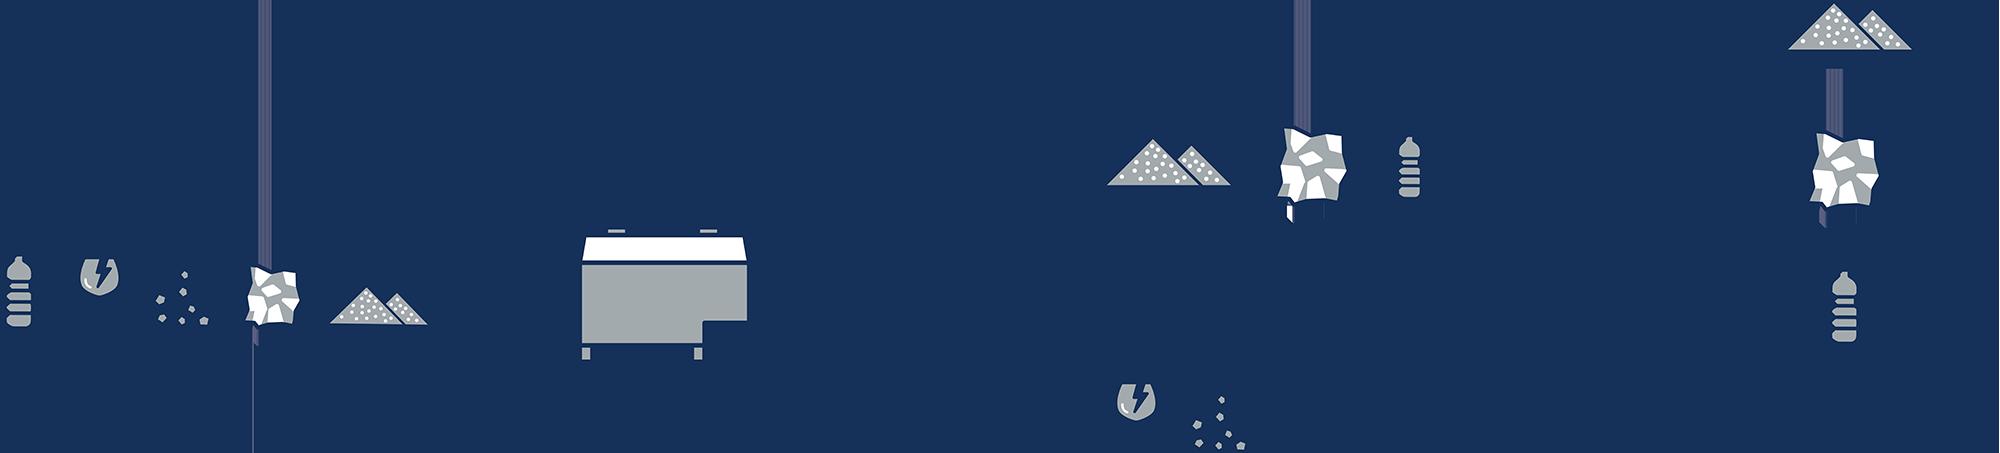 Rotoshifter blauw